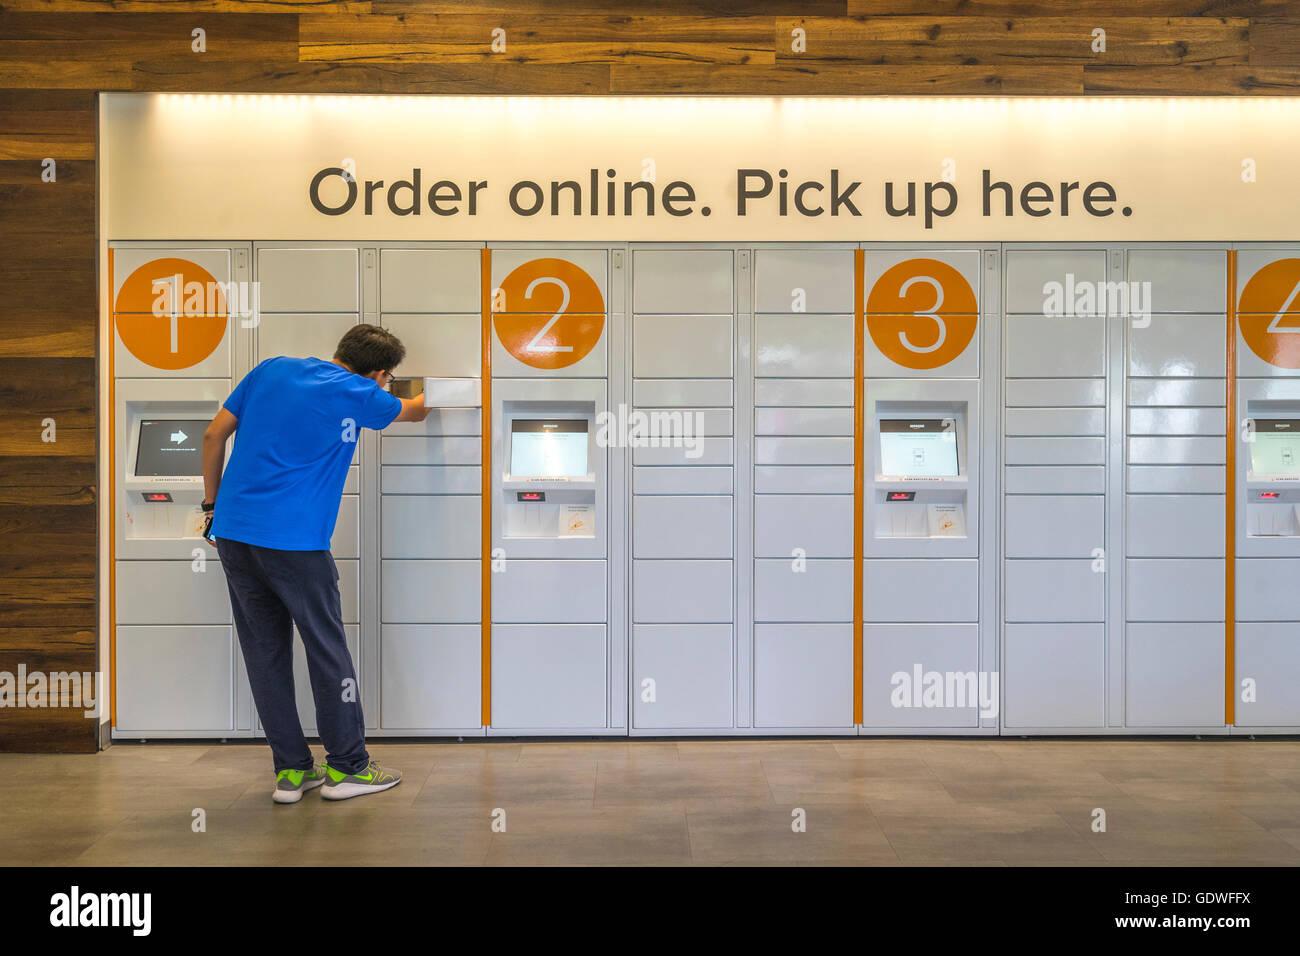 L'homme d'atteindre dans un casier d'ecommerce d'obtenir un paquet qu'il commandé en ligne Photo Stock